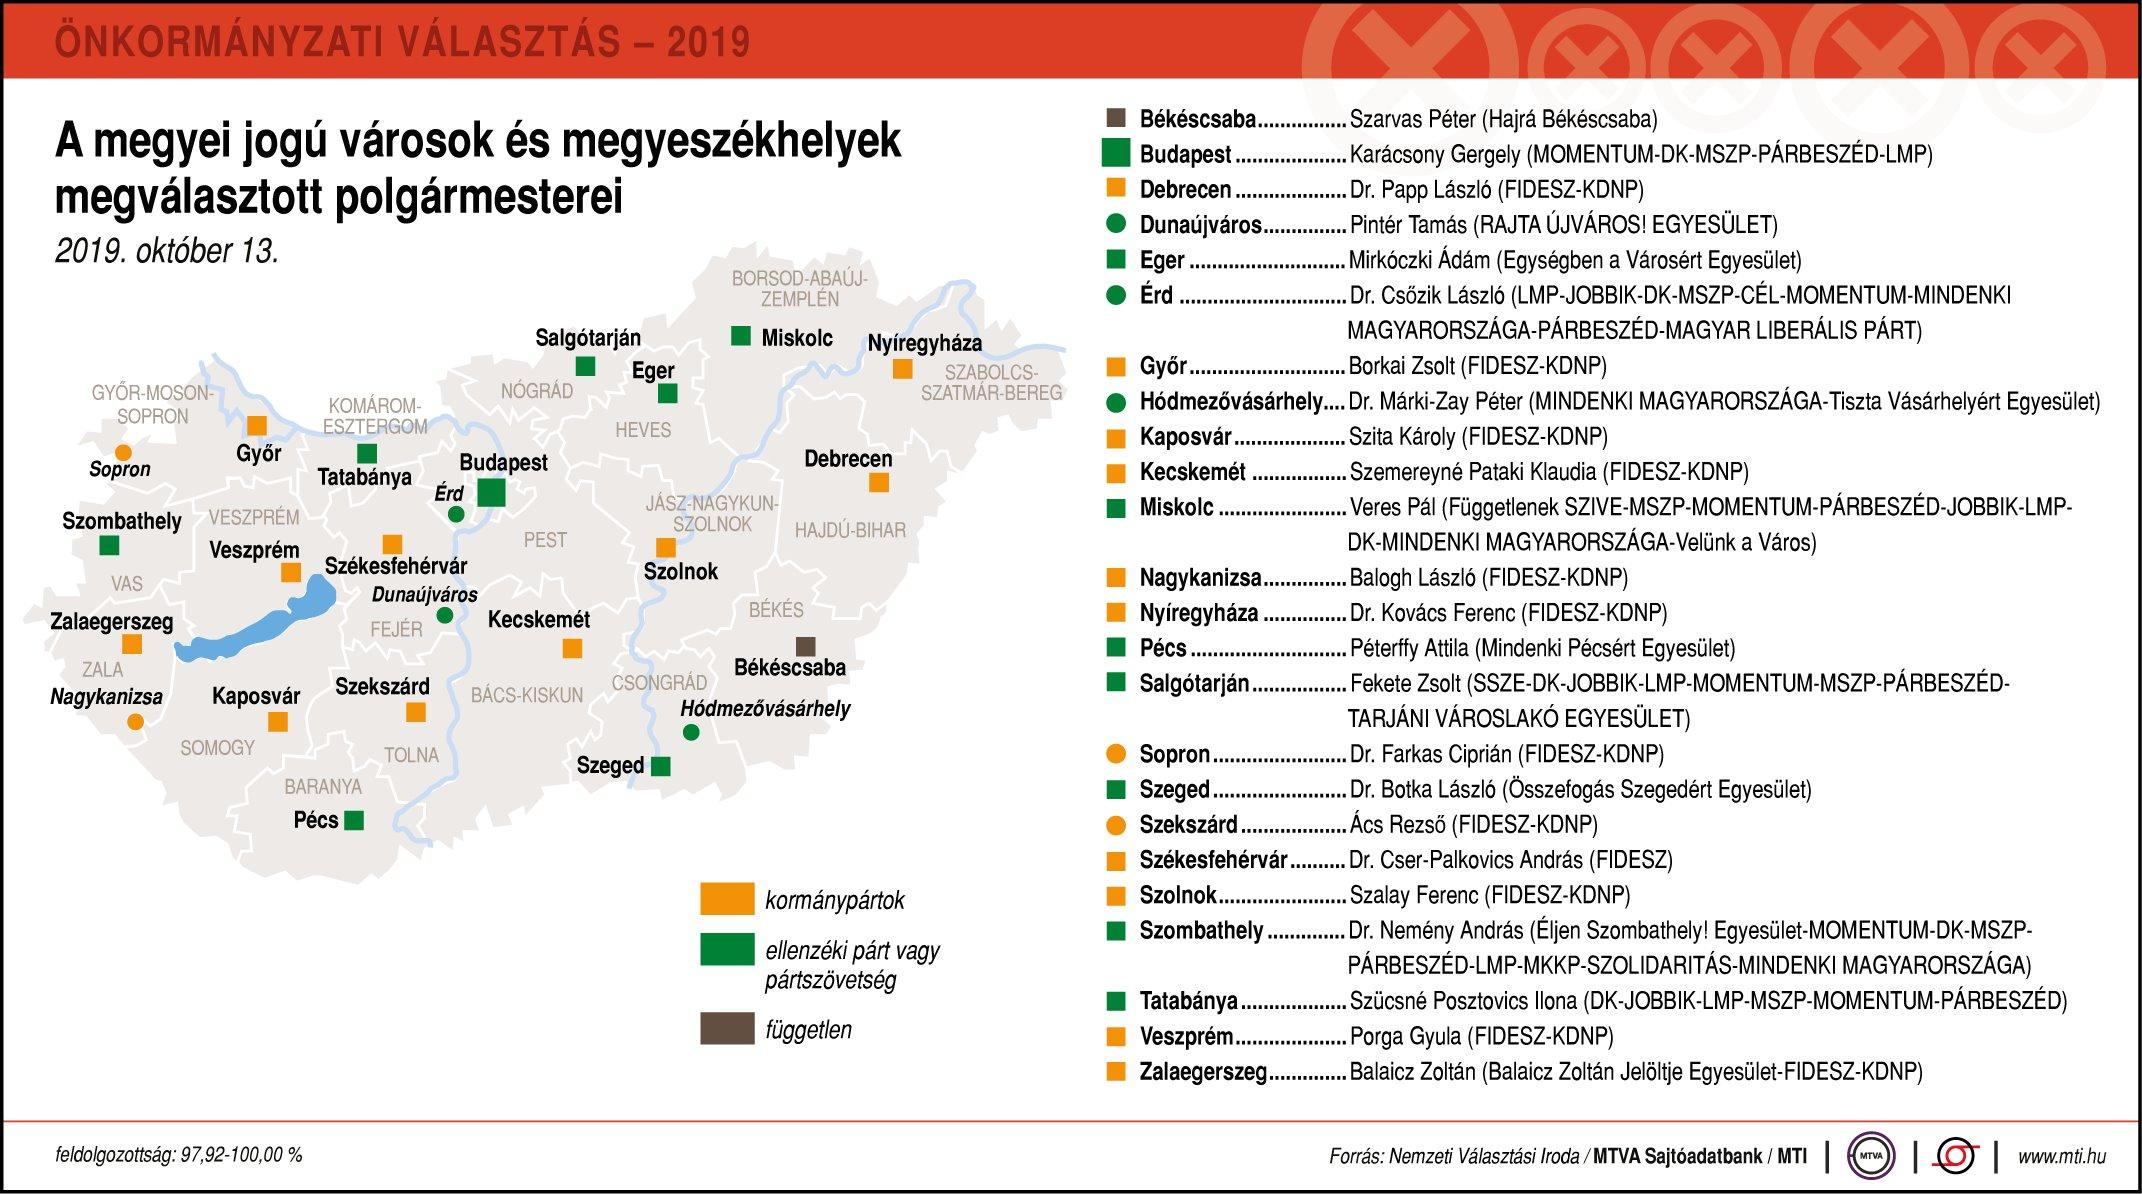 Önkormányzati választások – megyei jogú városok végeredményei